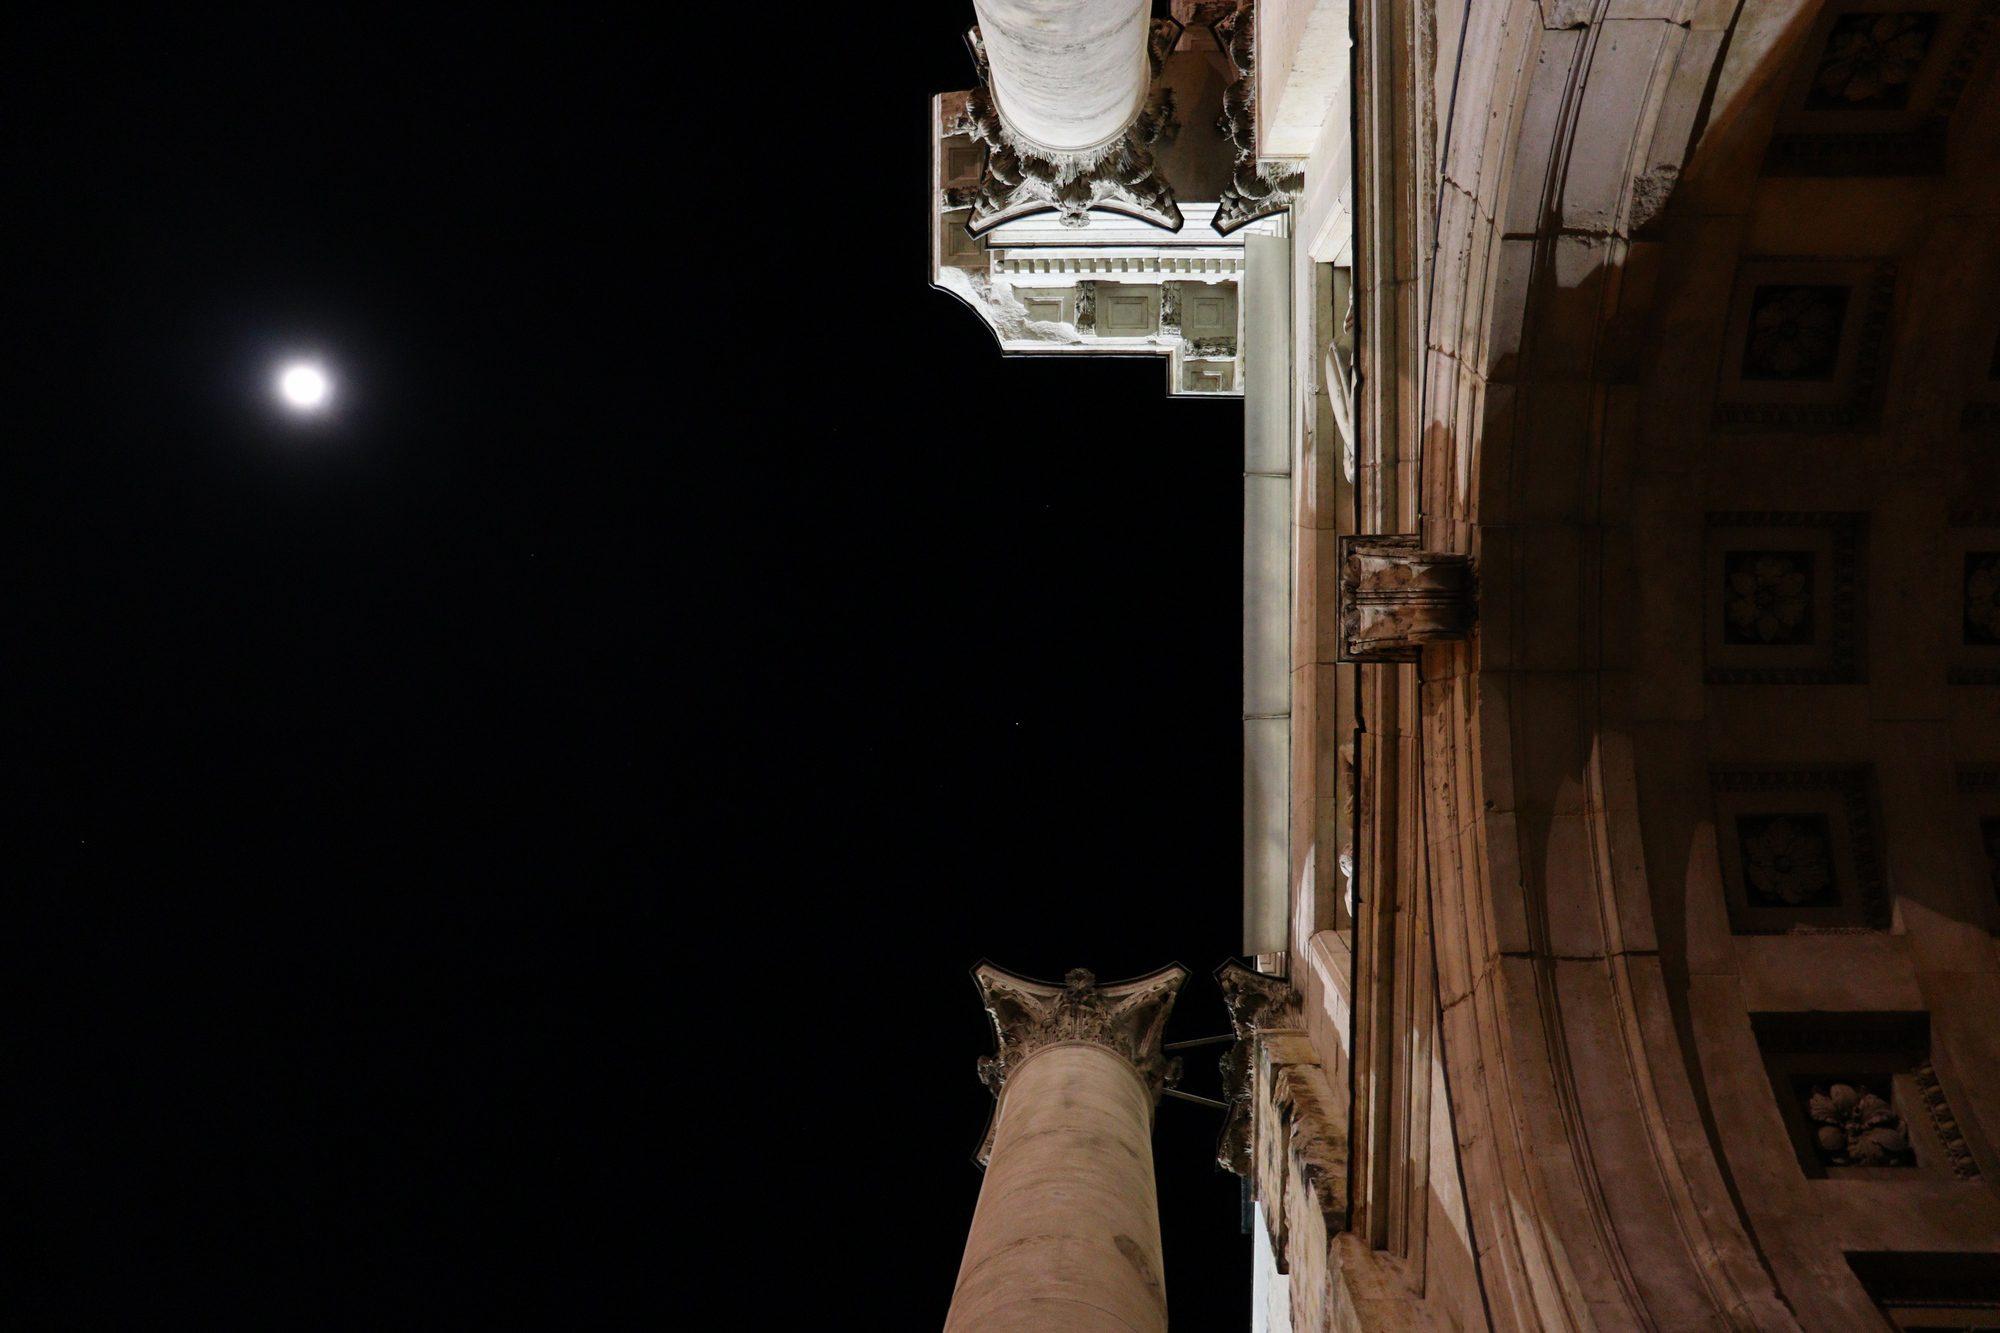 Torbogen am Siegestor mit Mond in München